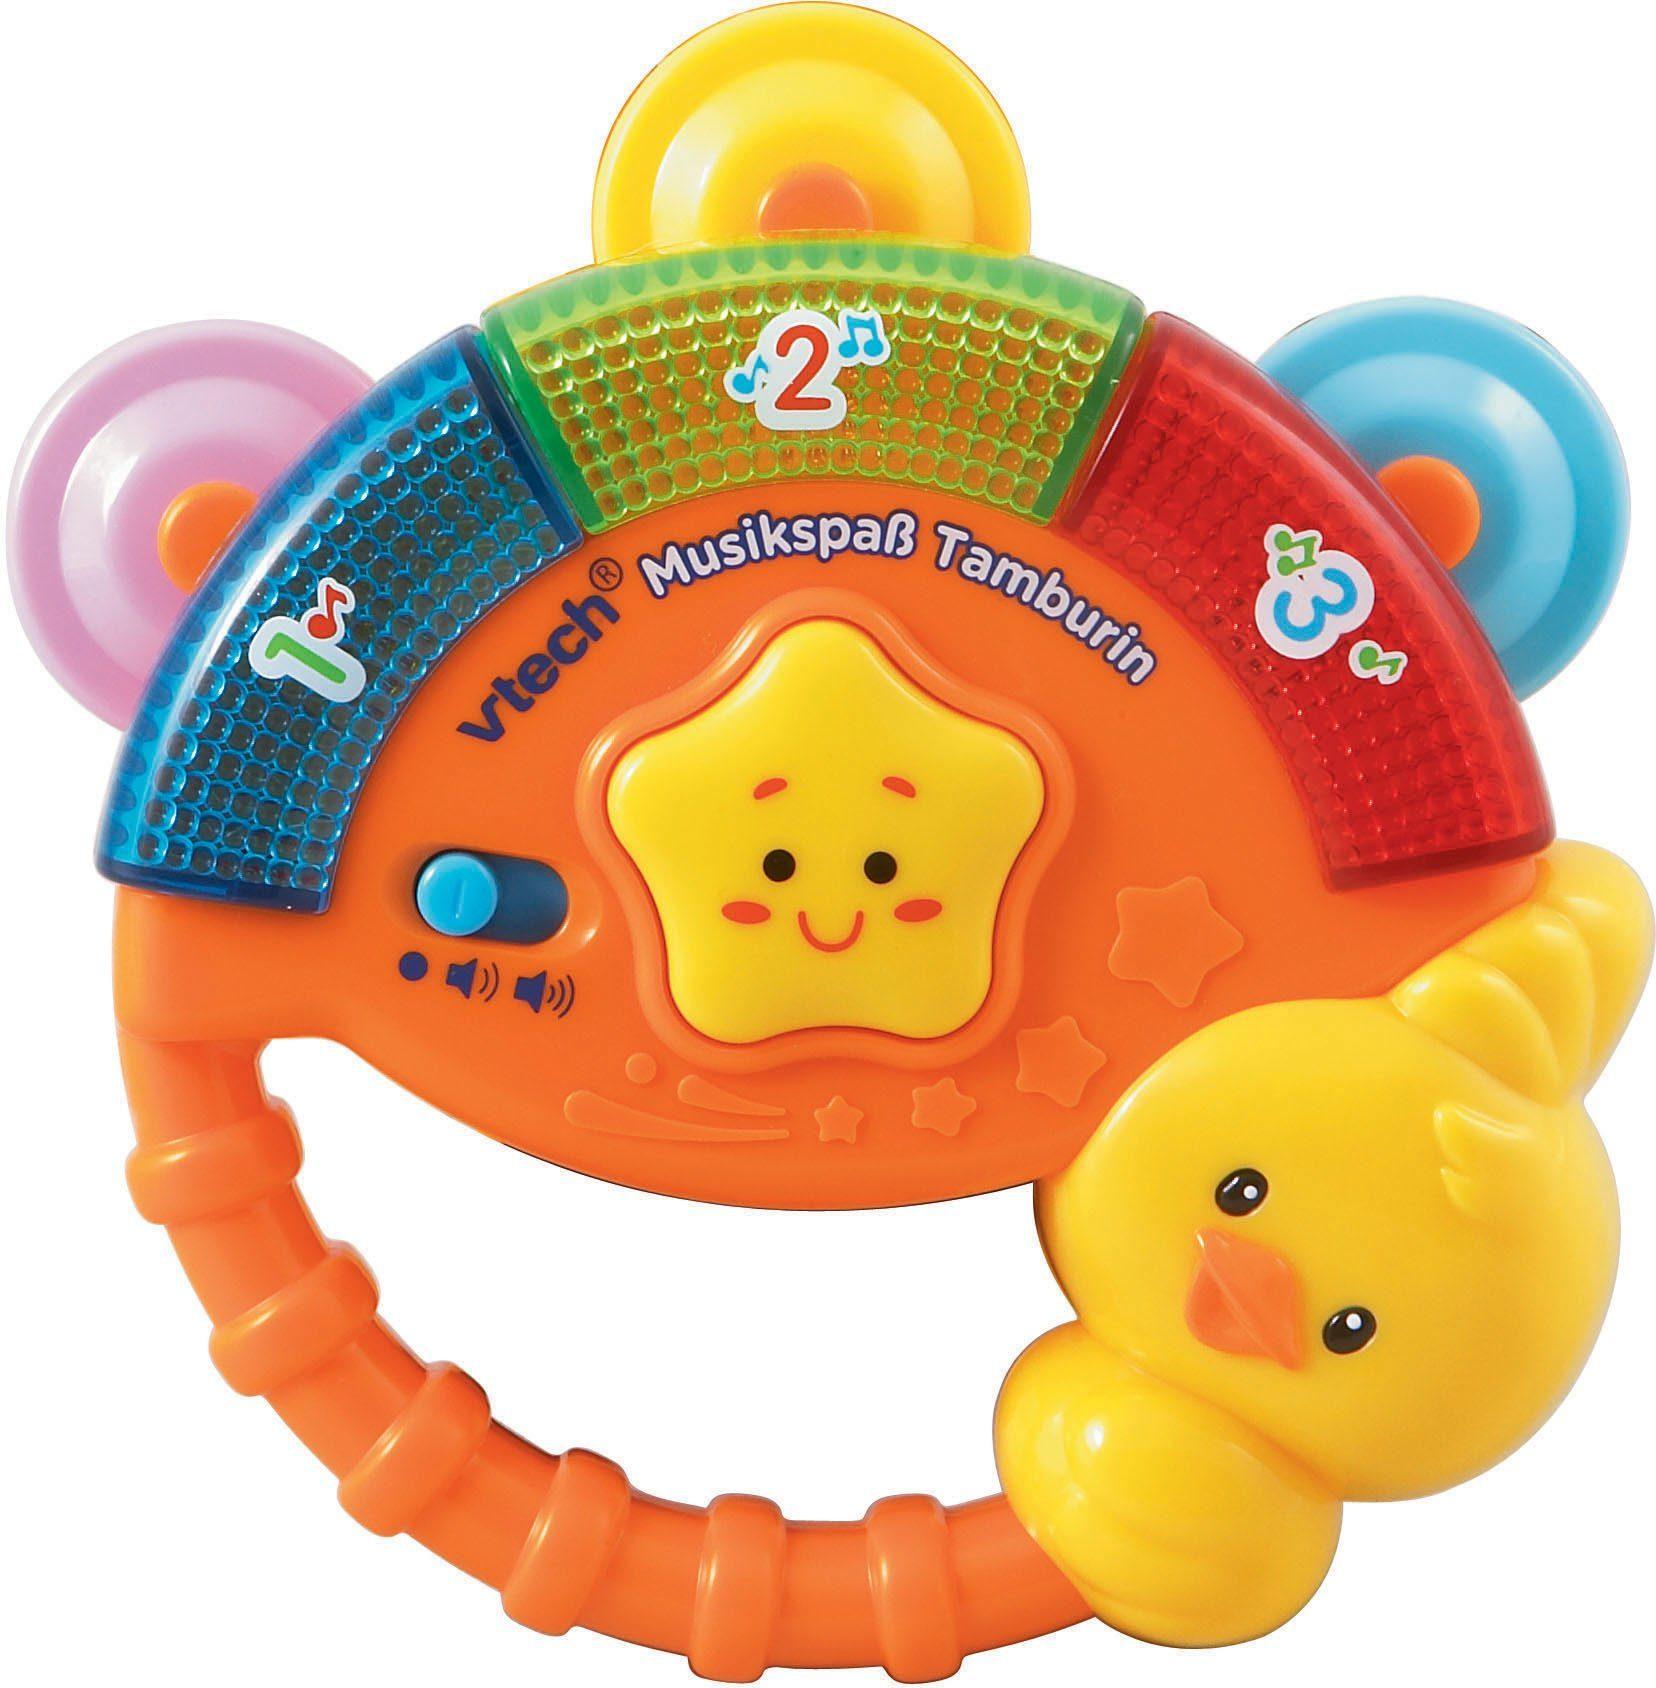 VTech Elektronisches Spielzeug mit Licht und Sound, »VTech Baby Musikspaß Tamburin«